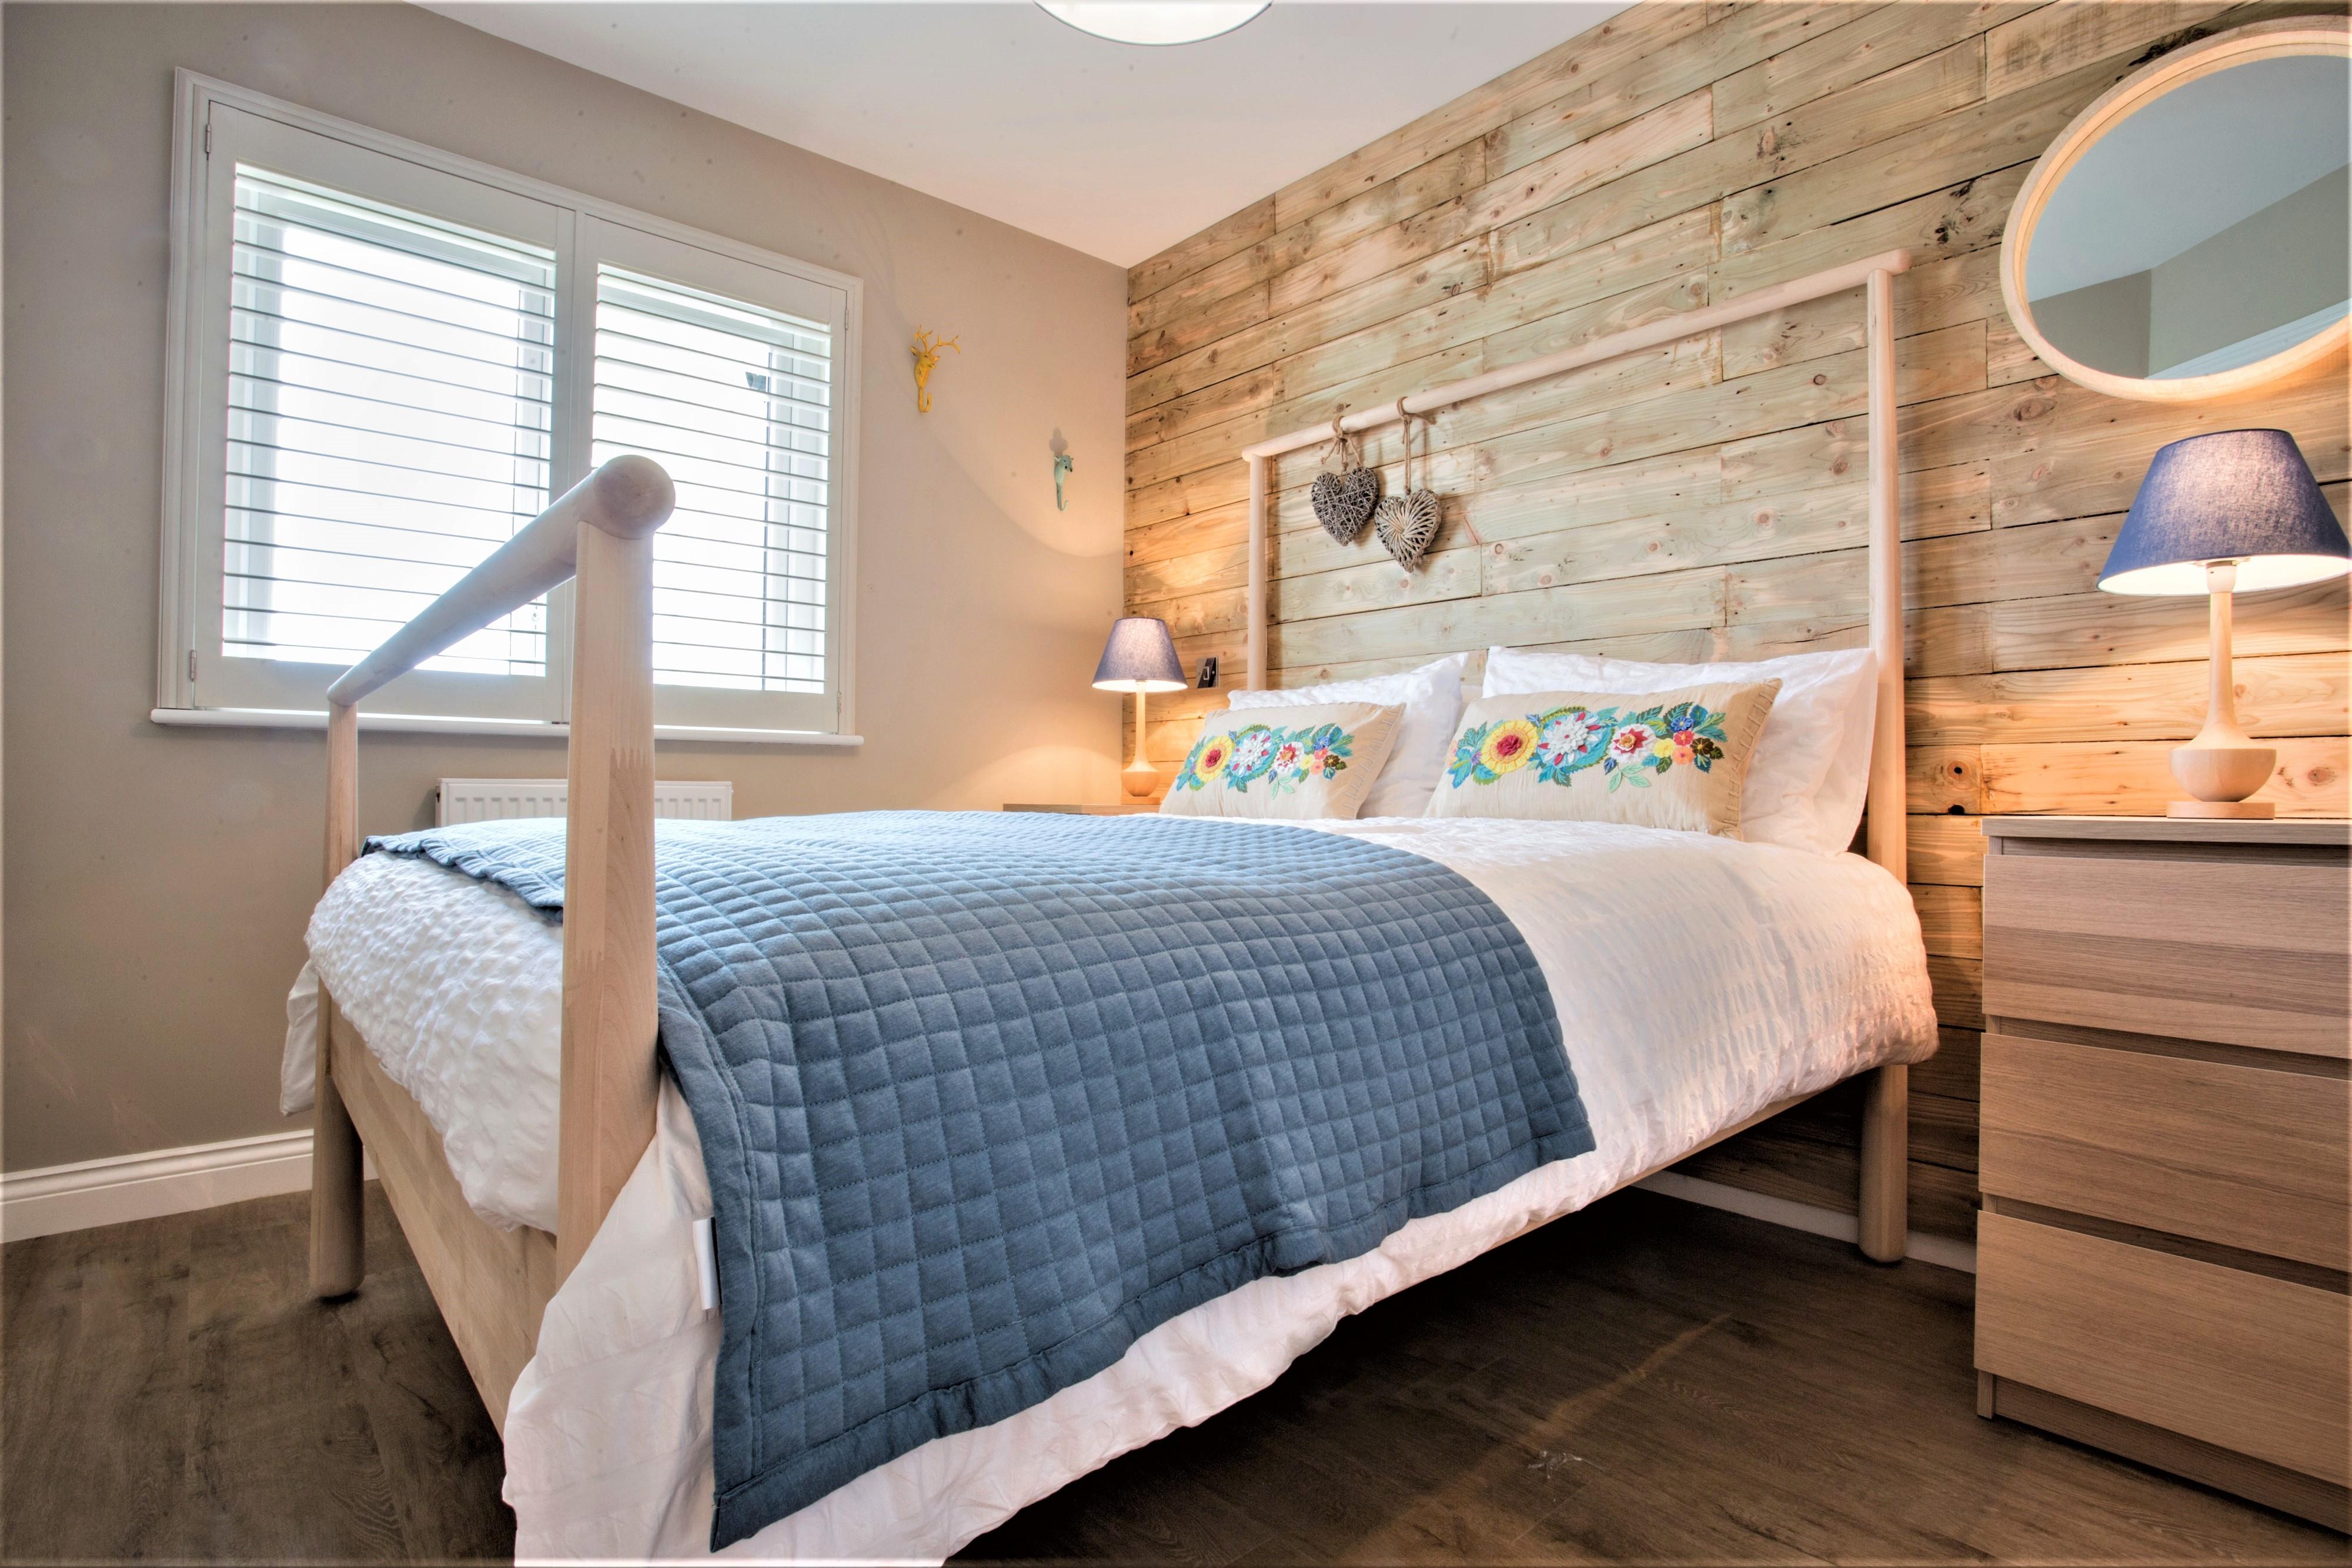 coastal retreats best holiday cottages in Northumberland, luxury gorgeous cottages Northumberland coast